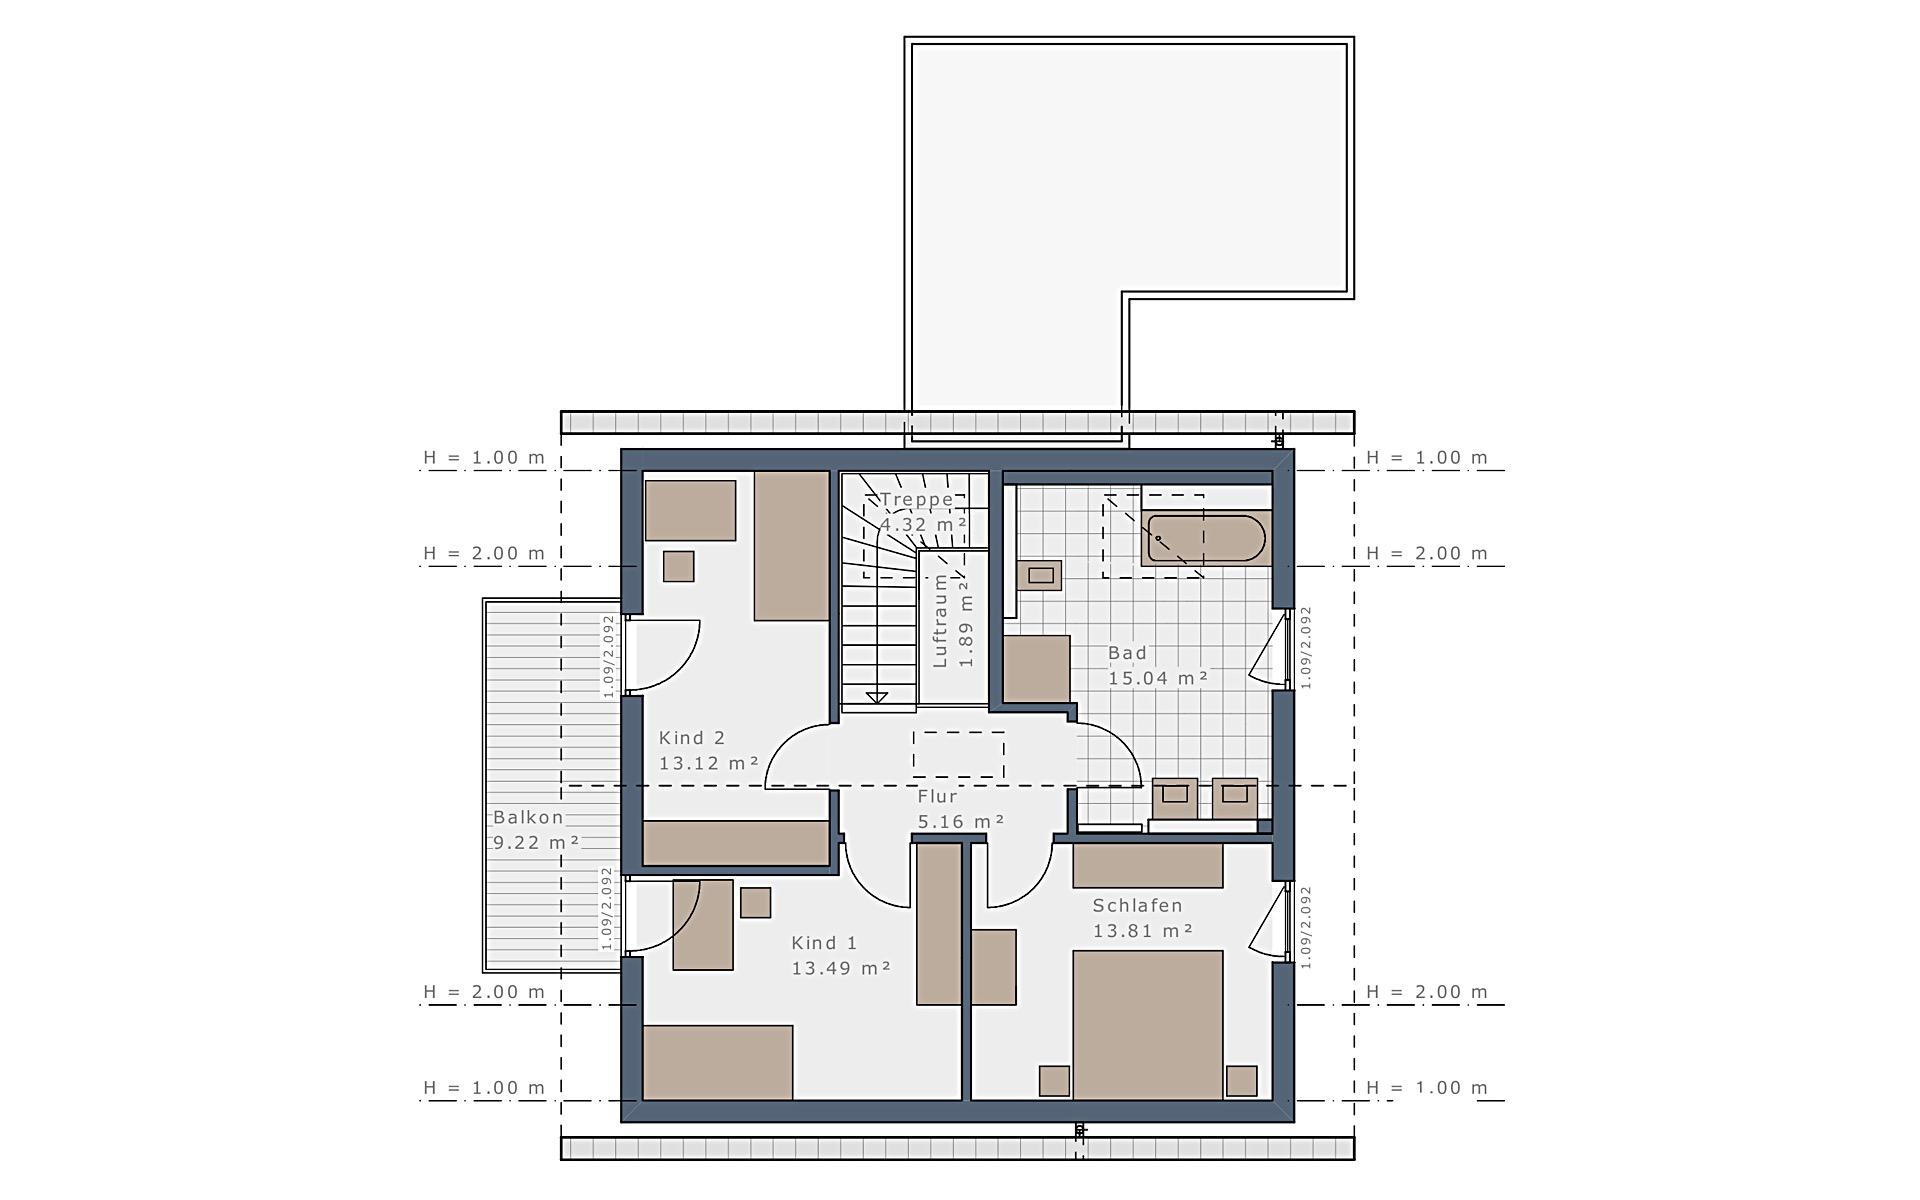 Dachgeschoss Sensation-E-133 E1 von Schwabenhaus GmbH & Co. KG